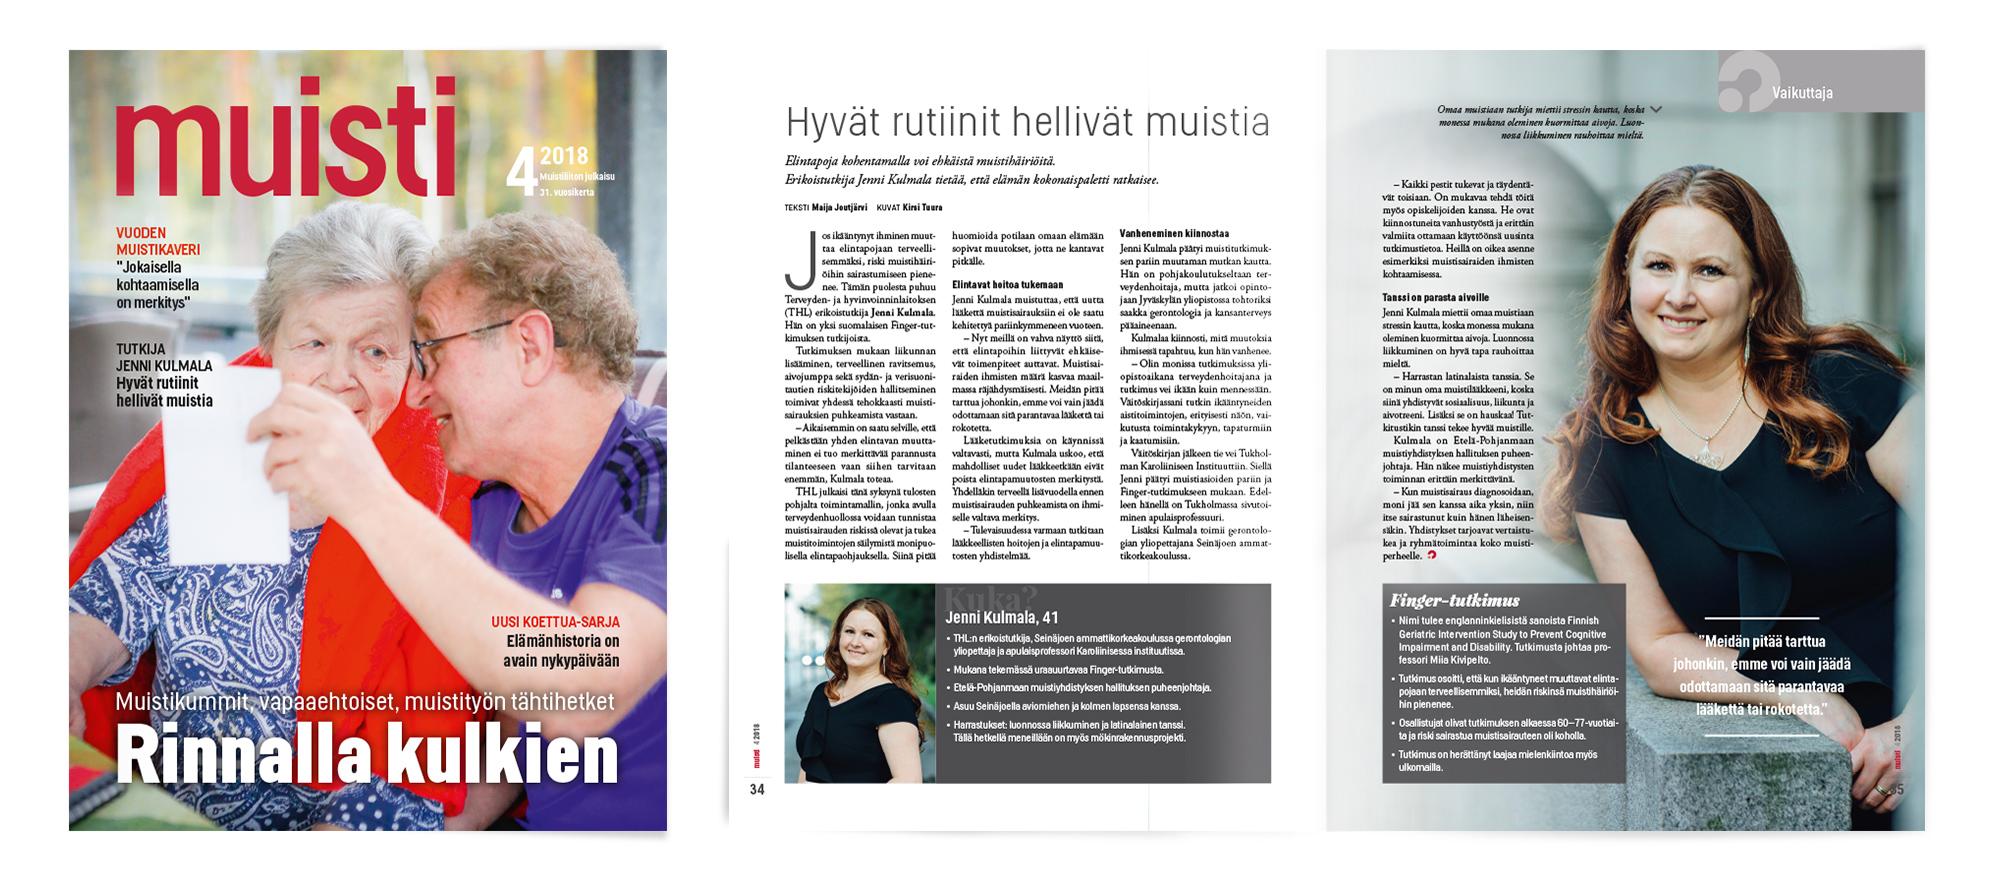 Muisti-lehti 4/2018, Mainostoimisto MAK Media Oy, Forssa